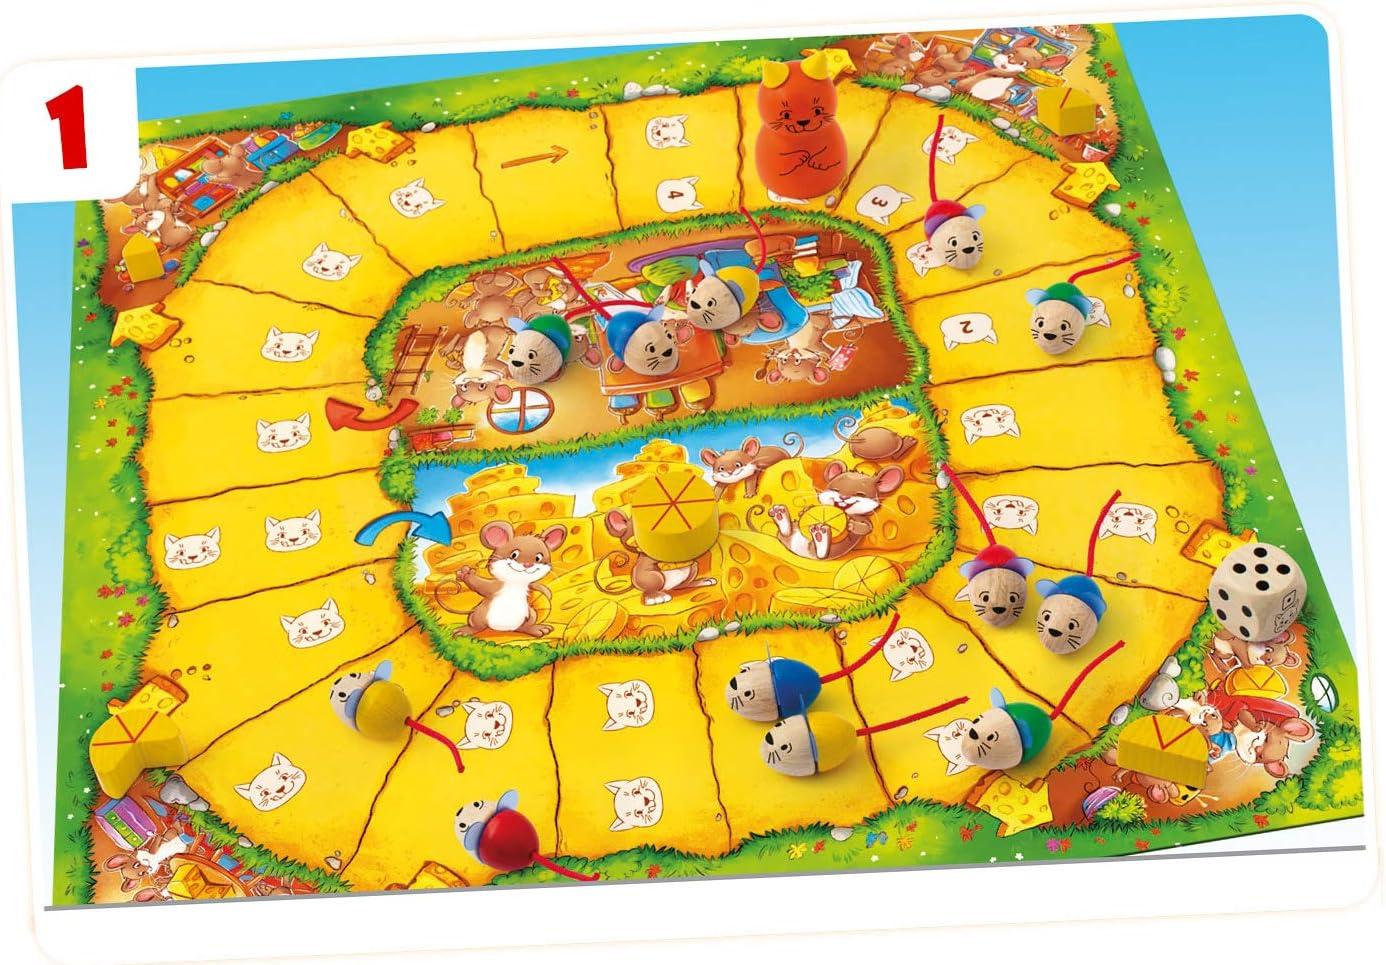 Ediciones MasQueoca - Ratones a la Carrera (Viva Topo) (Español)(Portugués): Amazon.es: Juguetes y juegos